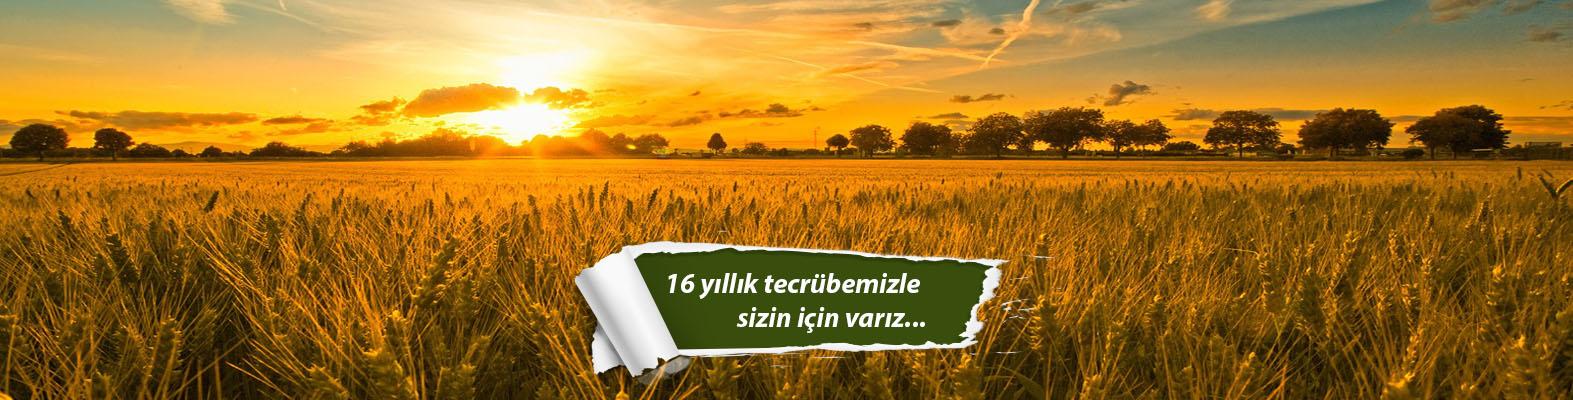 Onsa Polatlı Buğday Unu